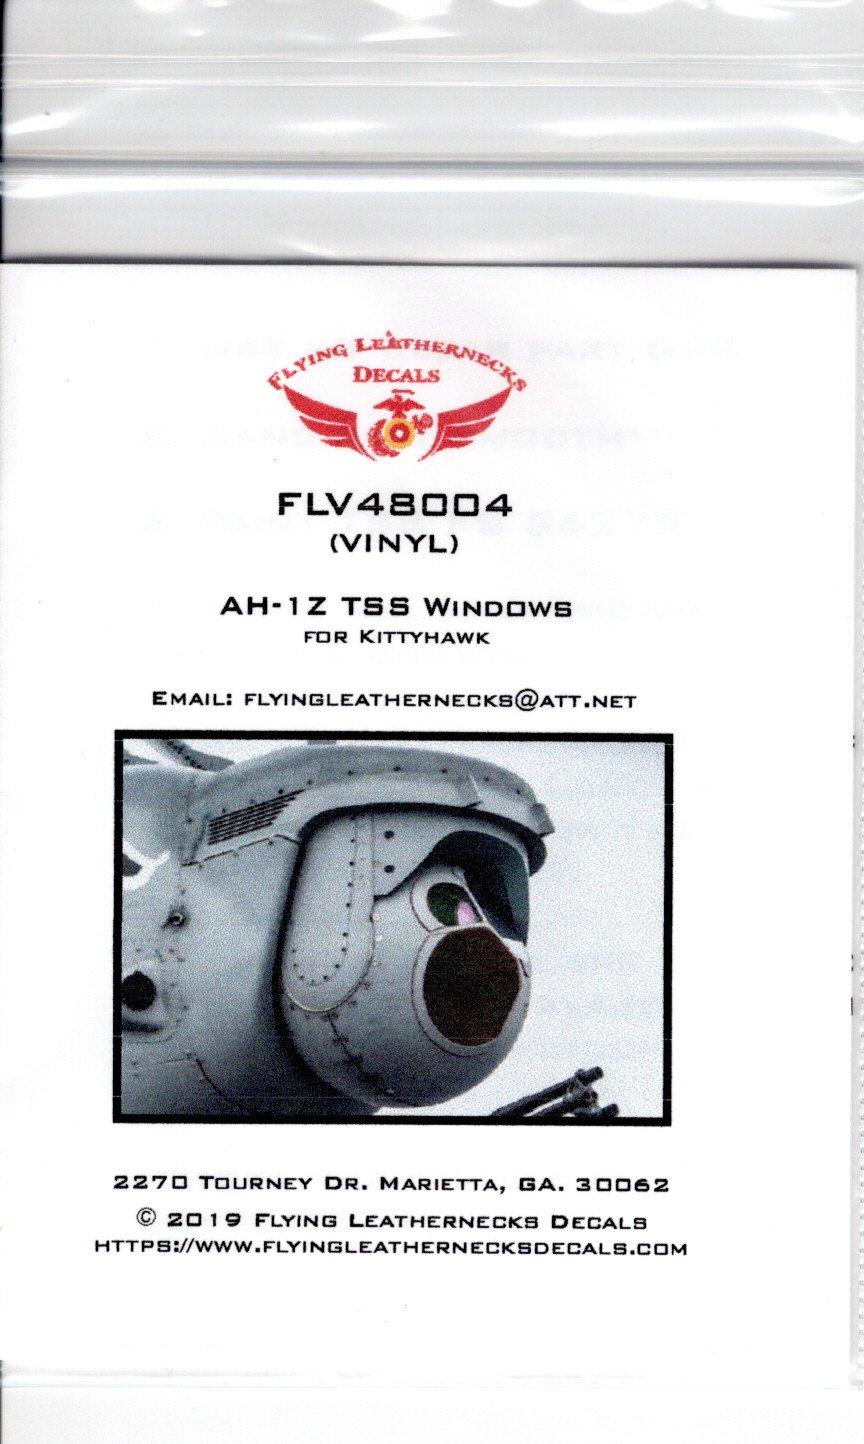 FLV48004